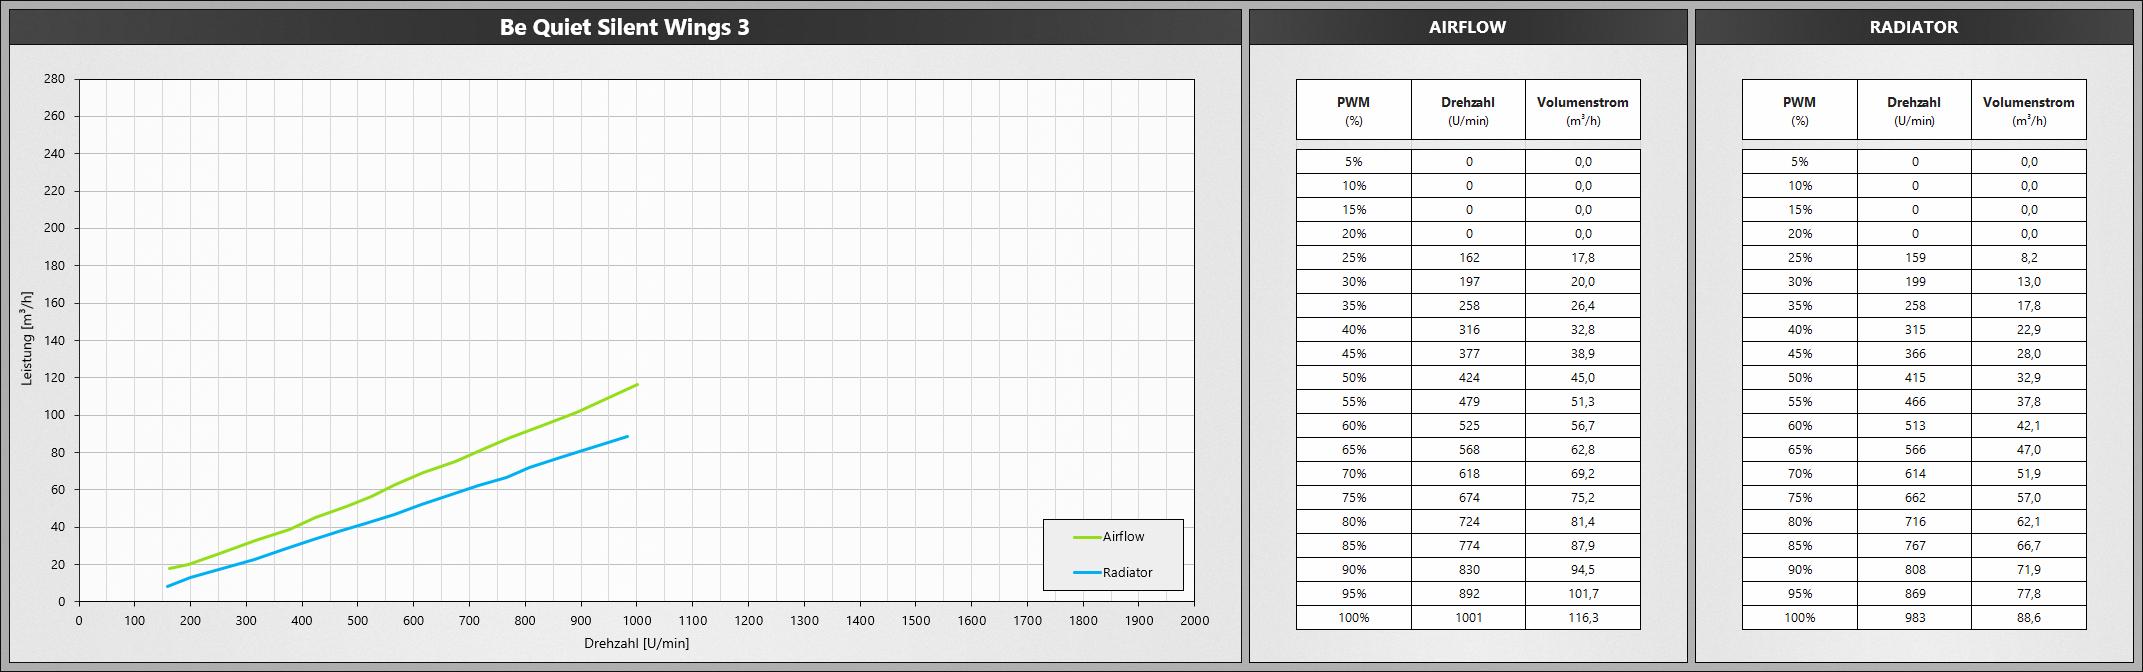 Klicken Sie auf die Grafik für eine größere Ansicht  Name:BQSW3PWM.png Hits:685 Größe:484,6 KB ID:1074737